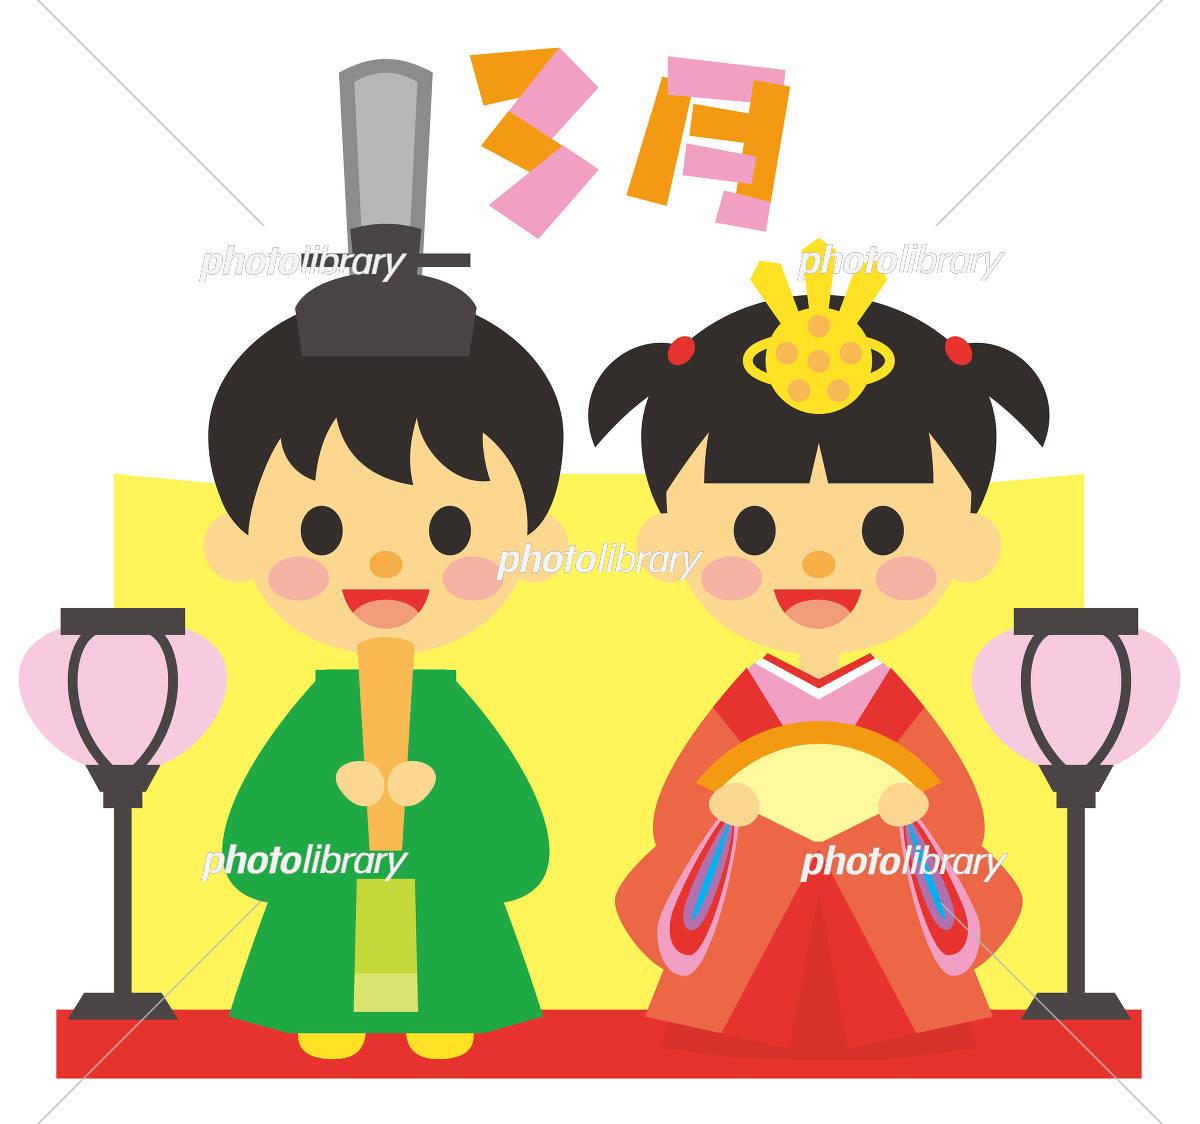 子供と行事 3月 雛祭 イラスト素材 5093131 フォトライブラリー